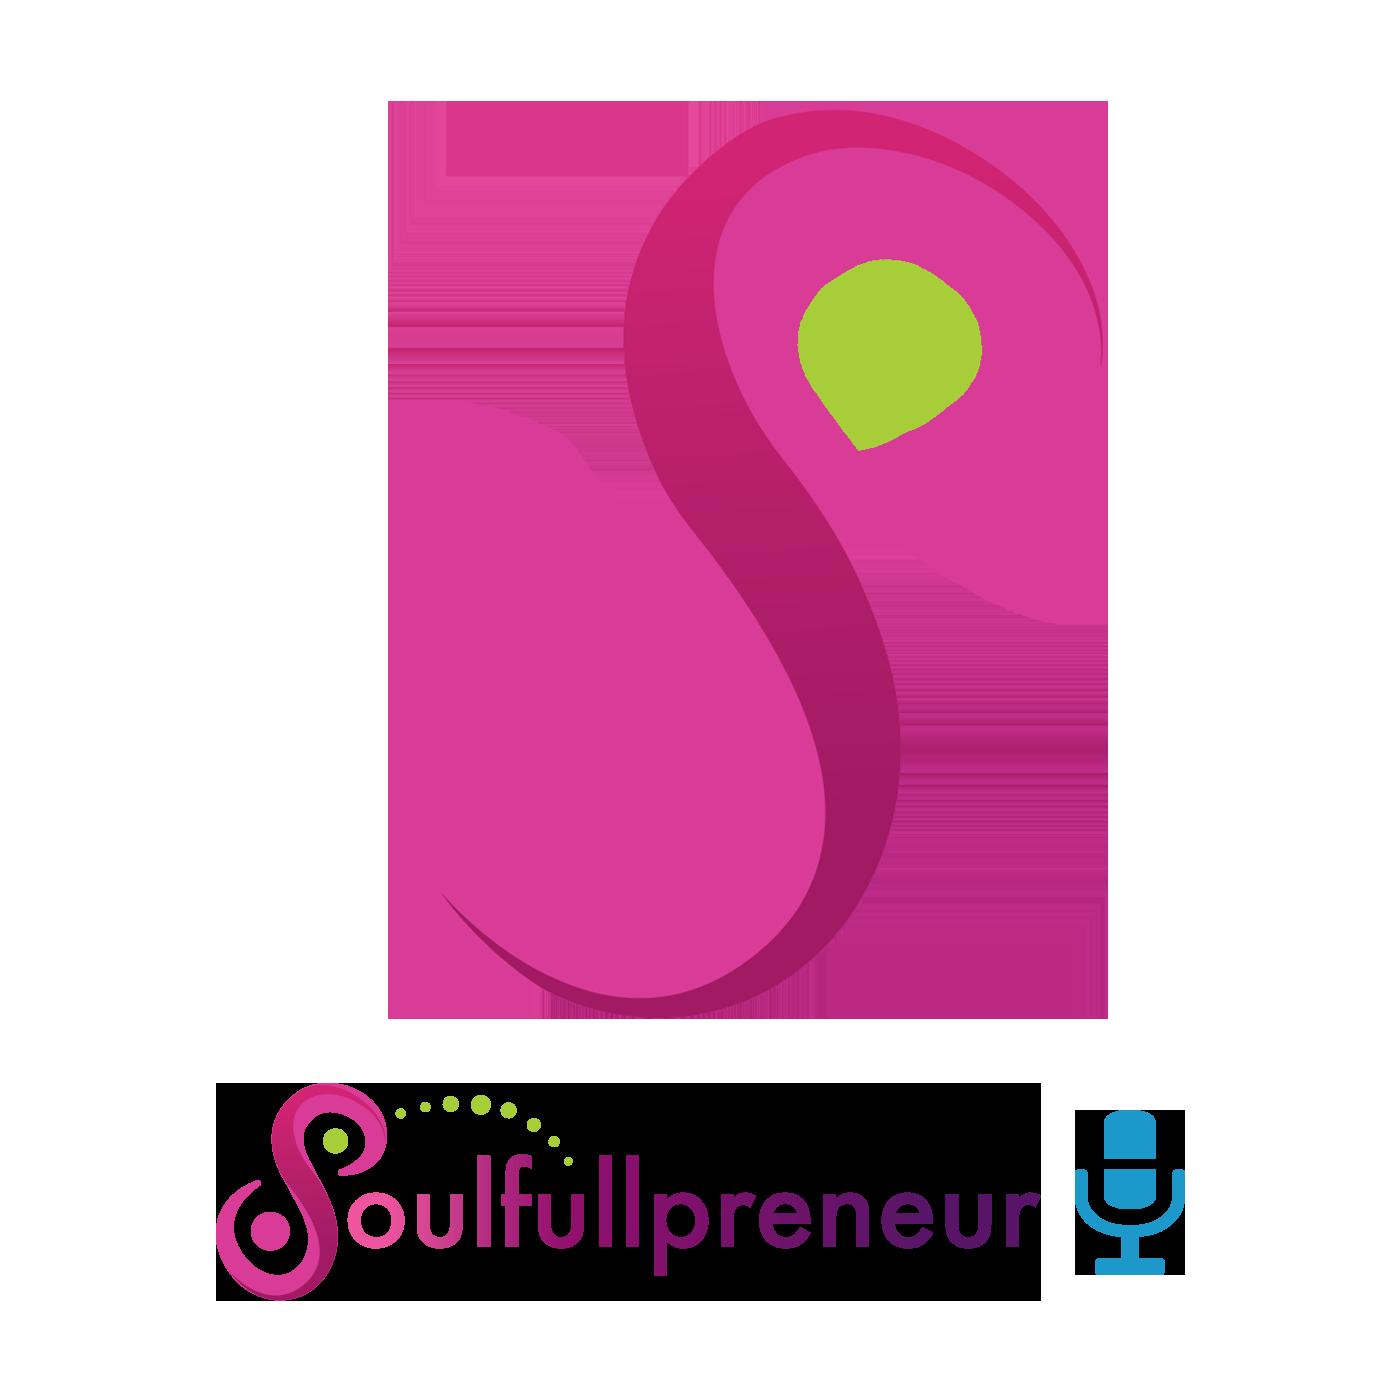 soulfullpreneur1400x1400-logo-transparent.png